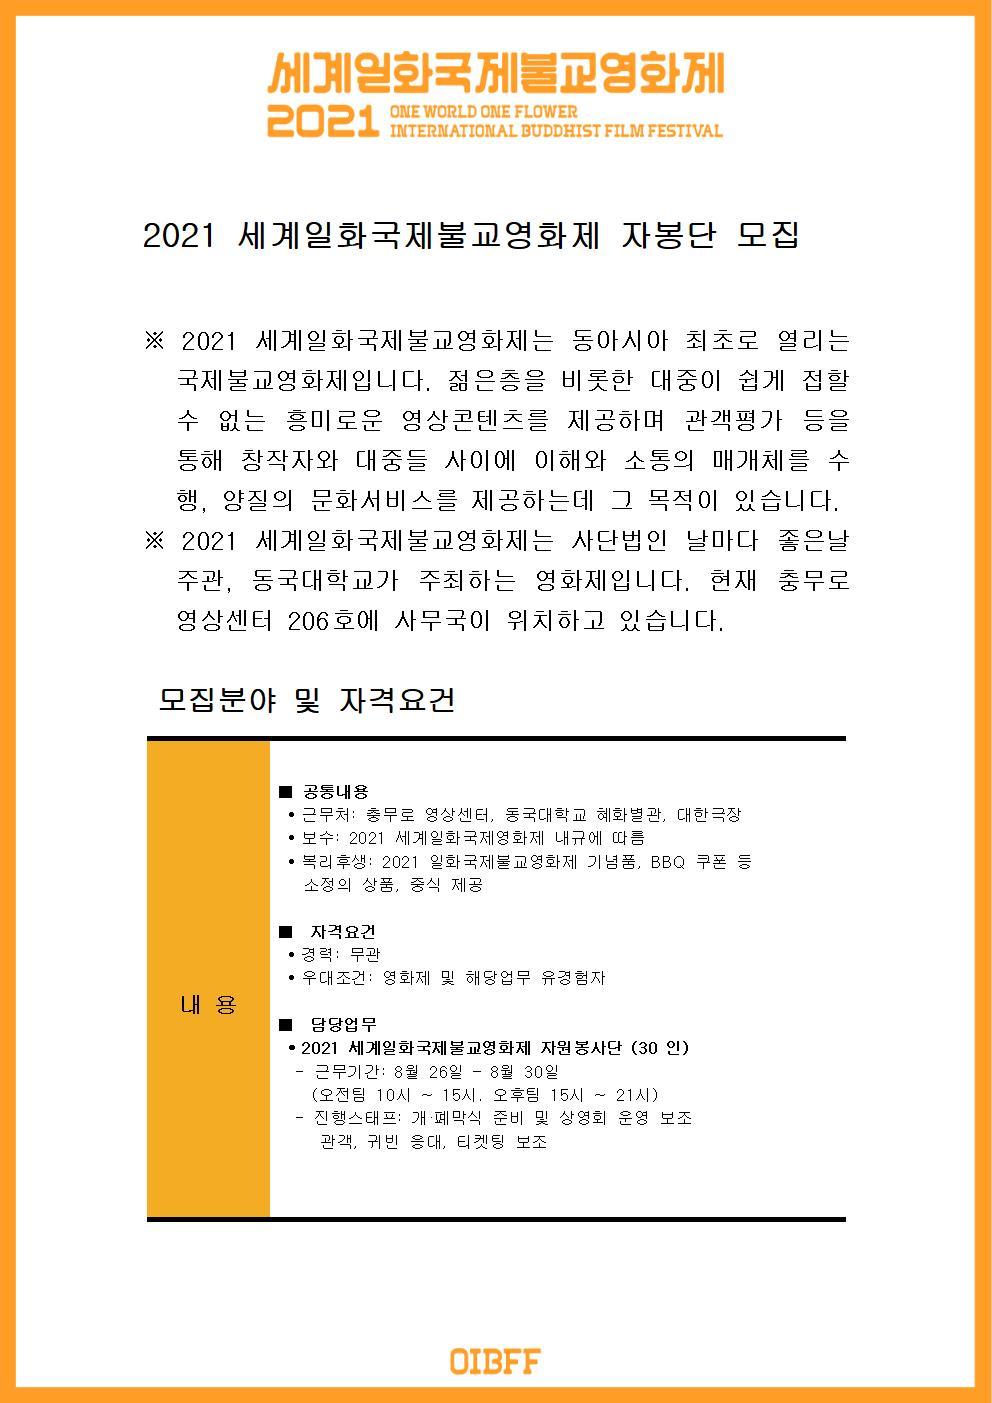 2021 세계일화국제불교영화제 자봉단 모집공고002